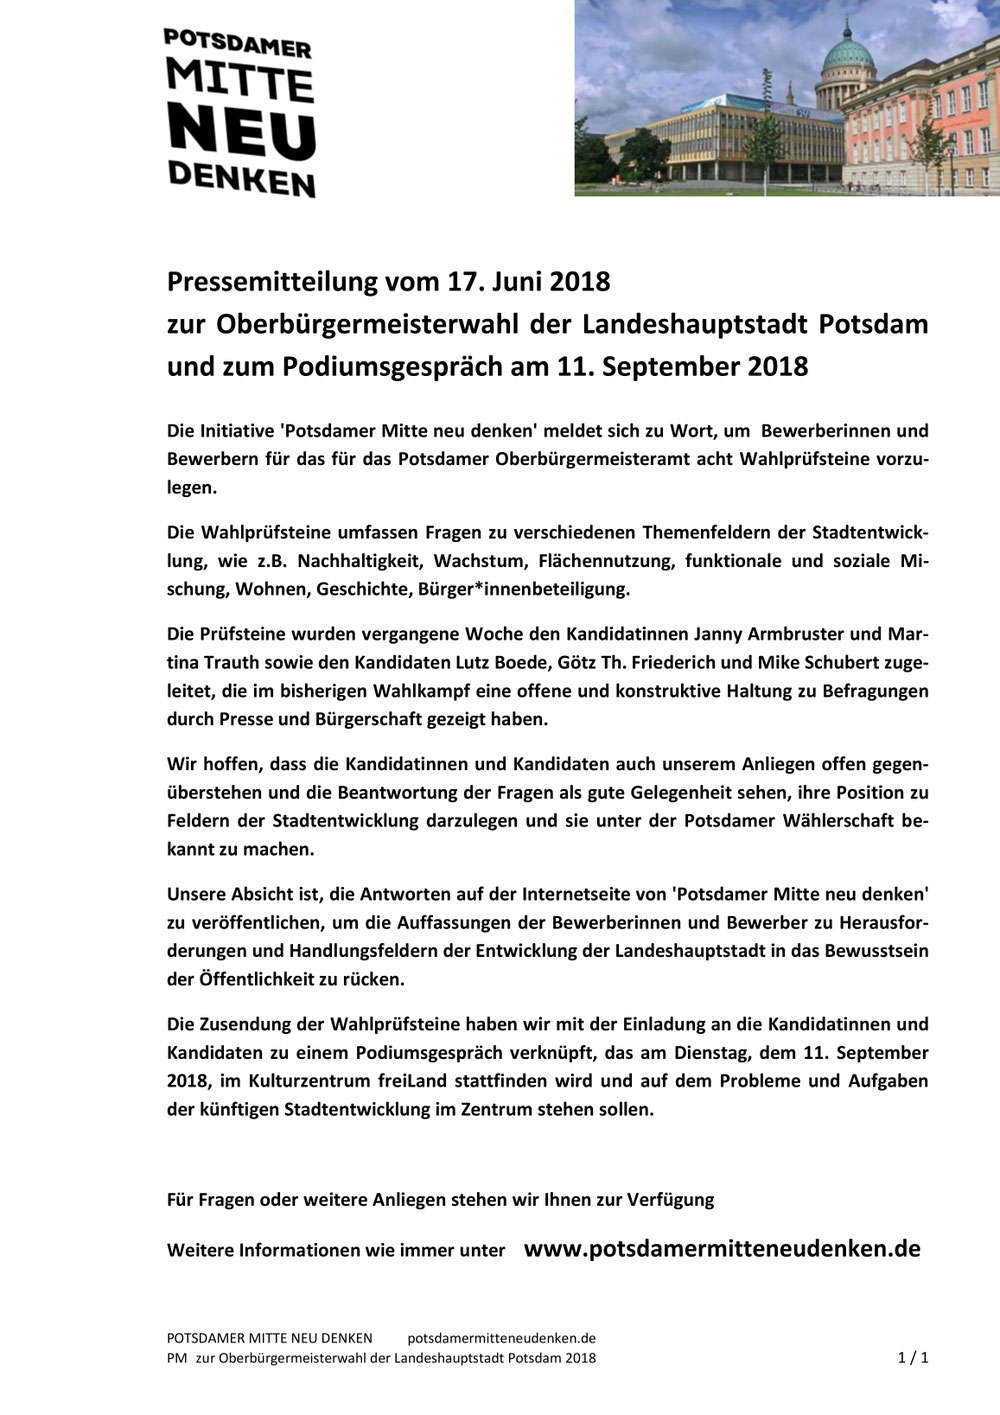 Pressemitteilung vom 17. Juni2018  zur Oberbürgermeisterwahl der Landeshauptstadt Potsdam und zum Podiumsgespräch am 11. September2018